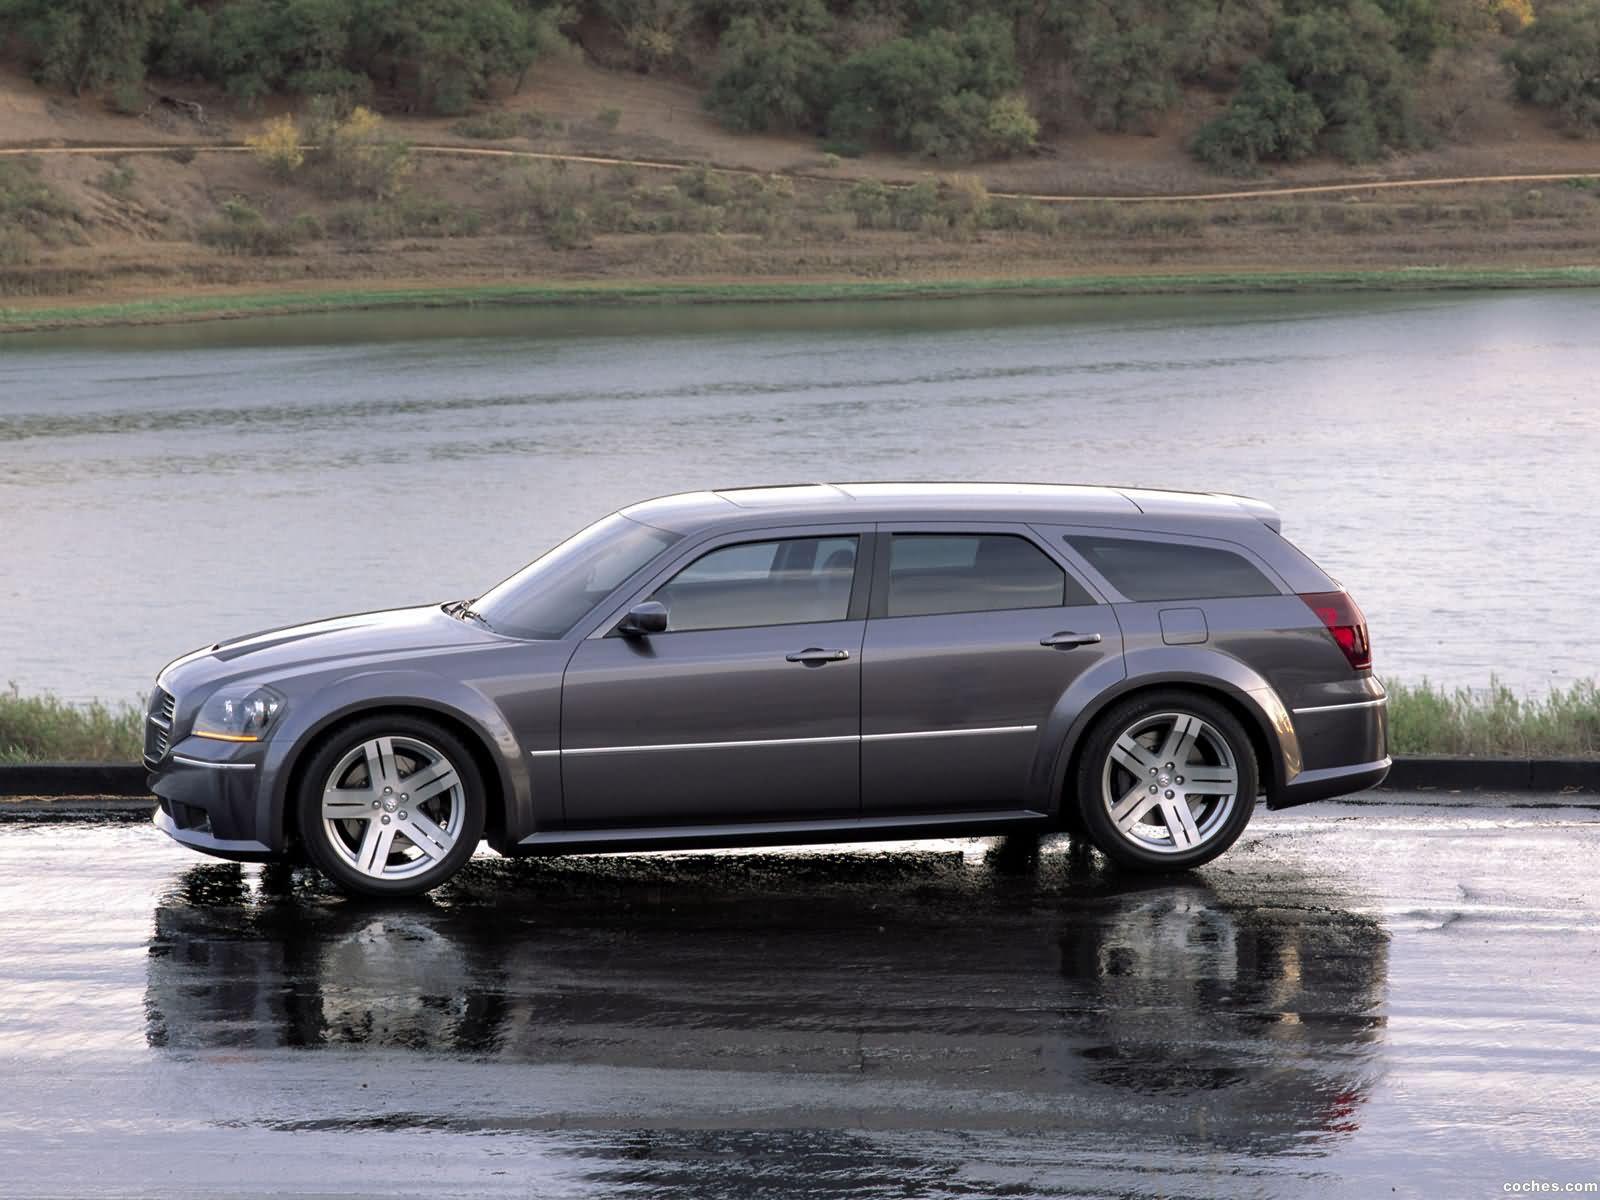 Foto 11 de Dodge Magnum SRT-8 2003